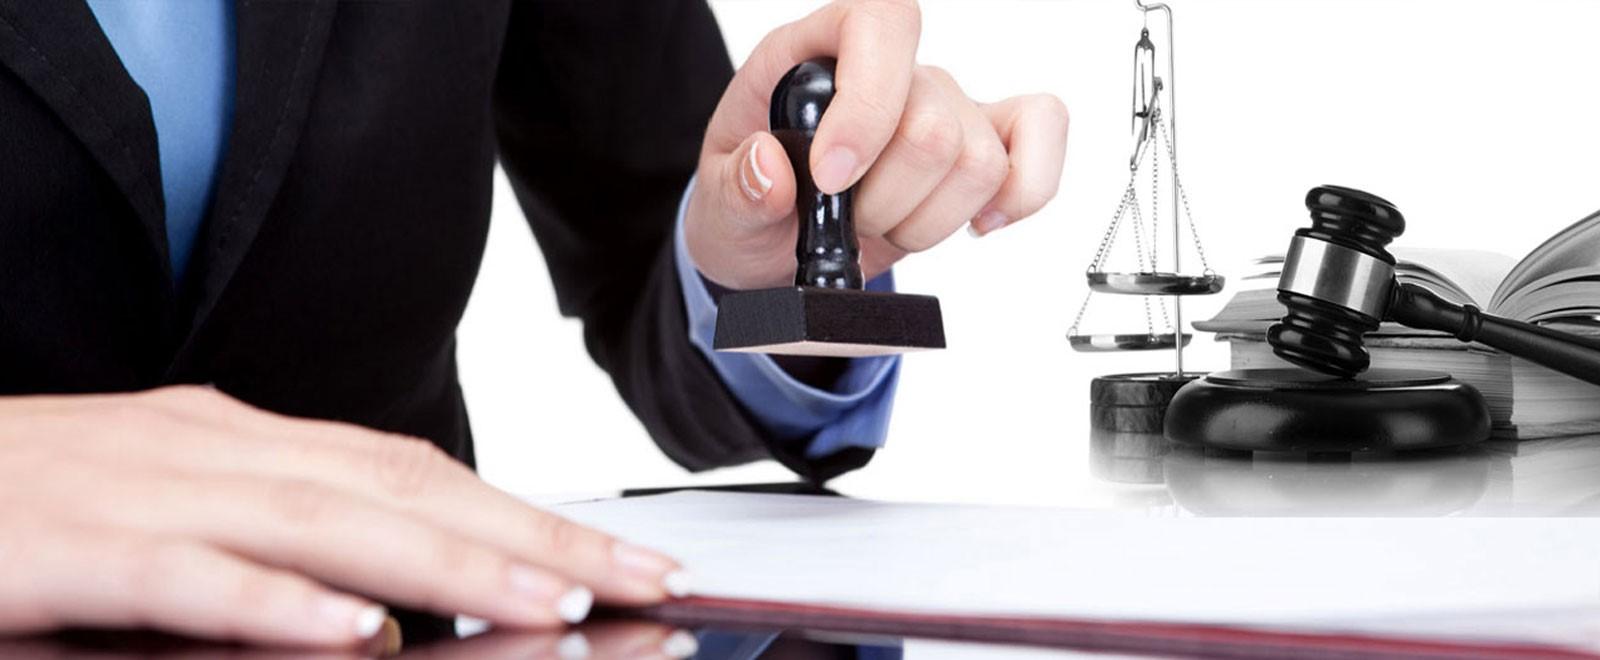 Регистрация изменений, печать, заключение договора, судебное разбирательство